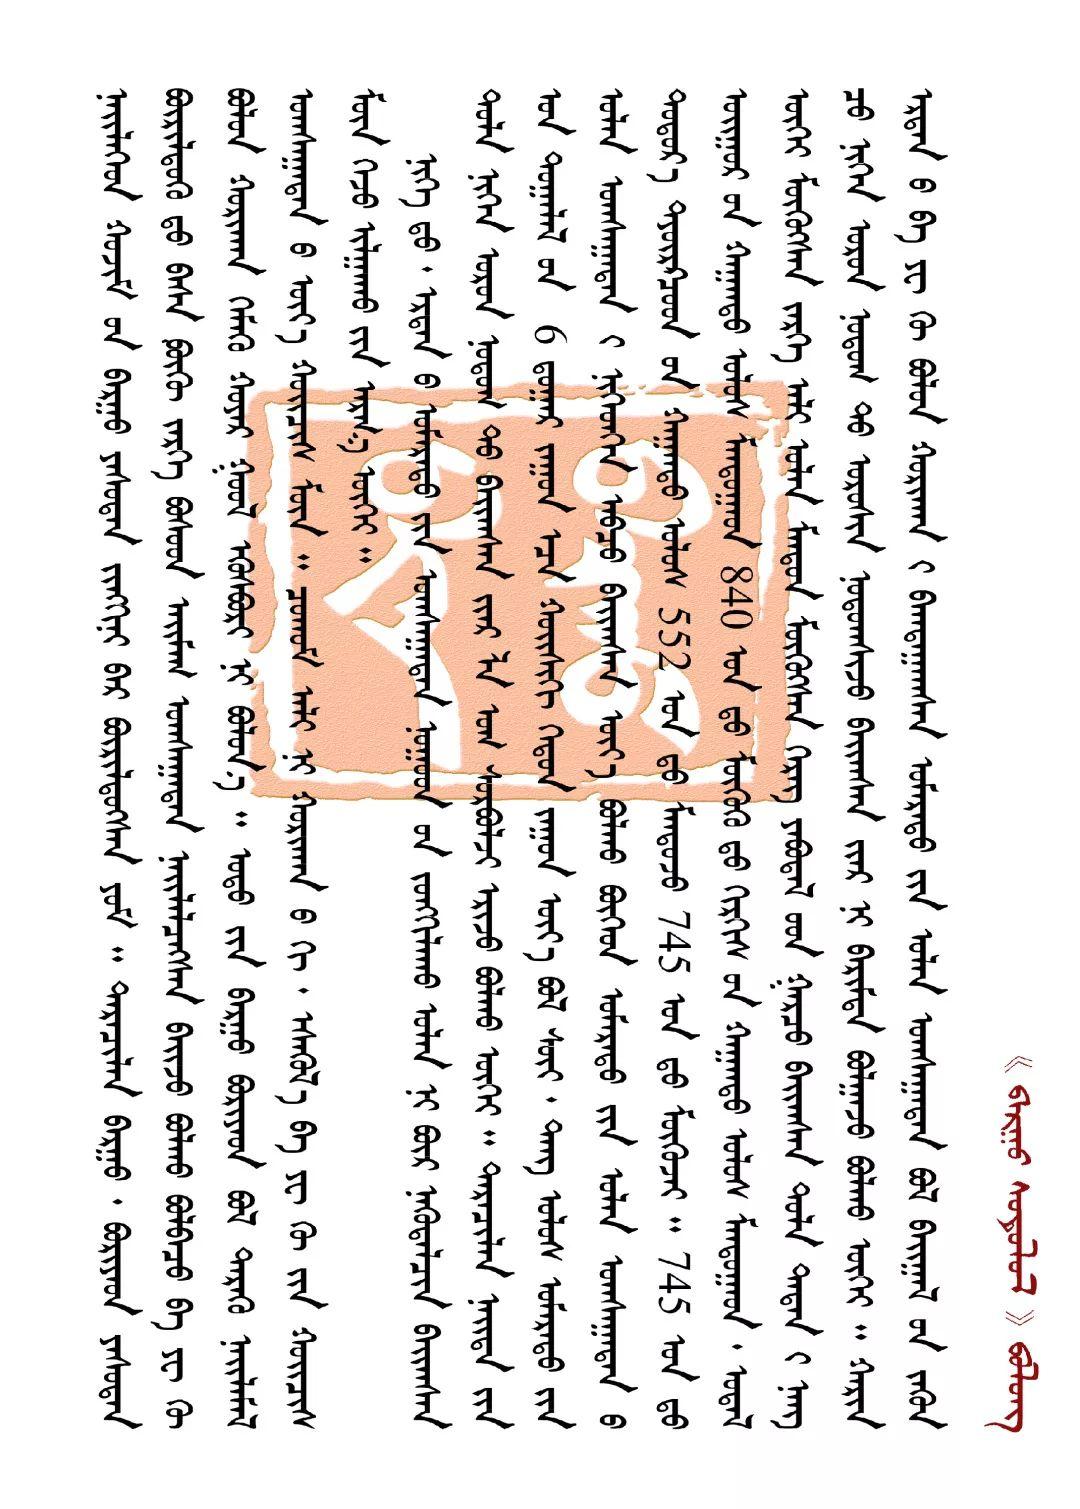 【第一期】巴尔虎部落的历史由来(一) 第7张 【第一期】巴尔虎部落的历史由来(一) 蒙古文化